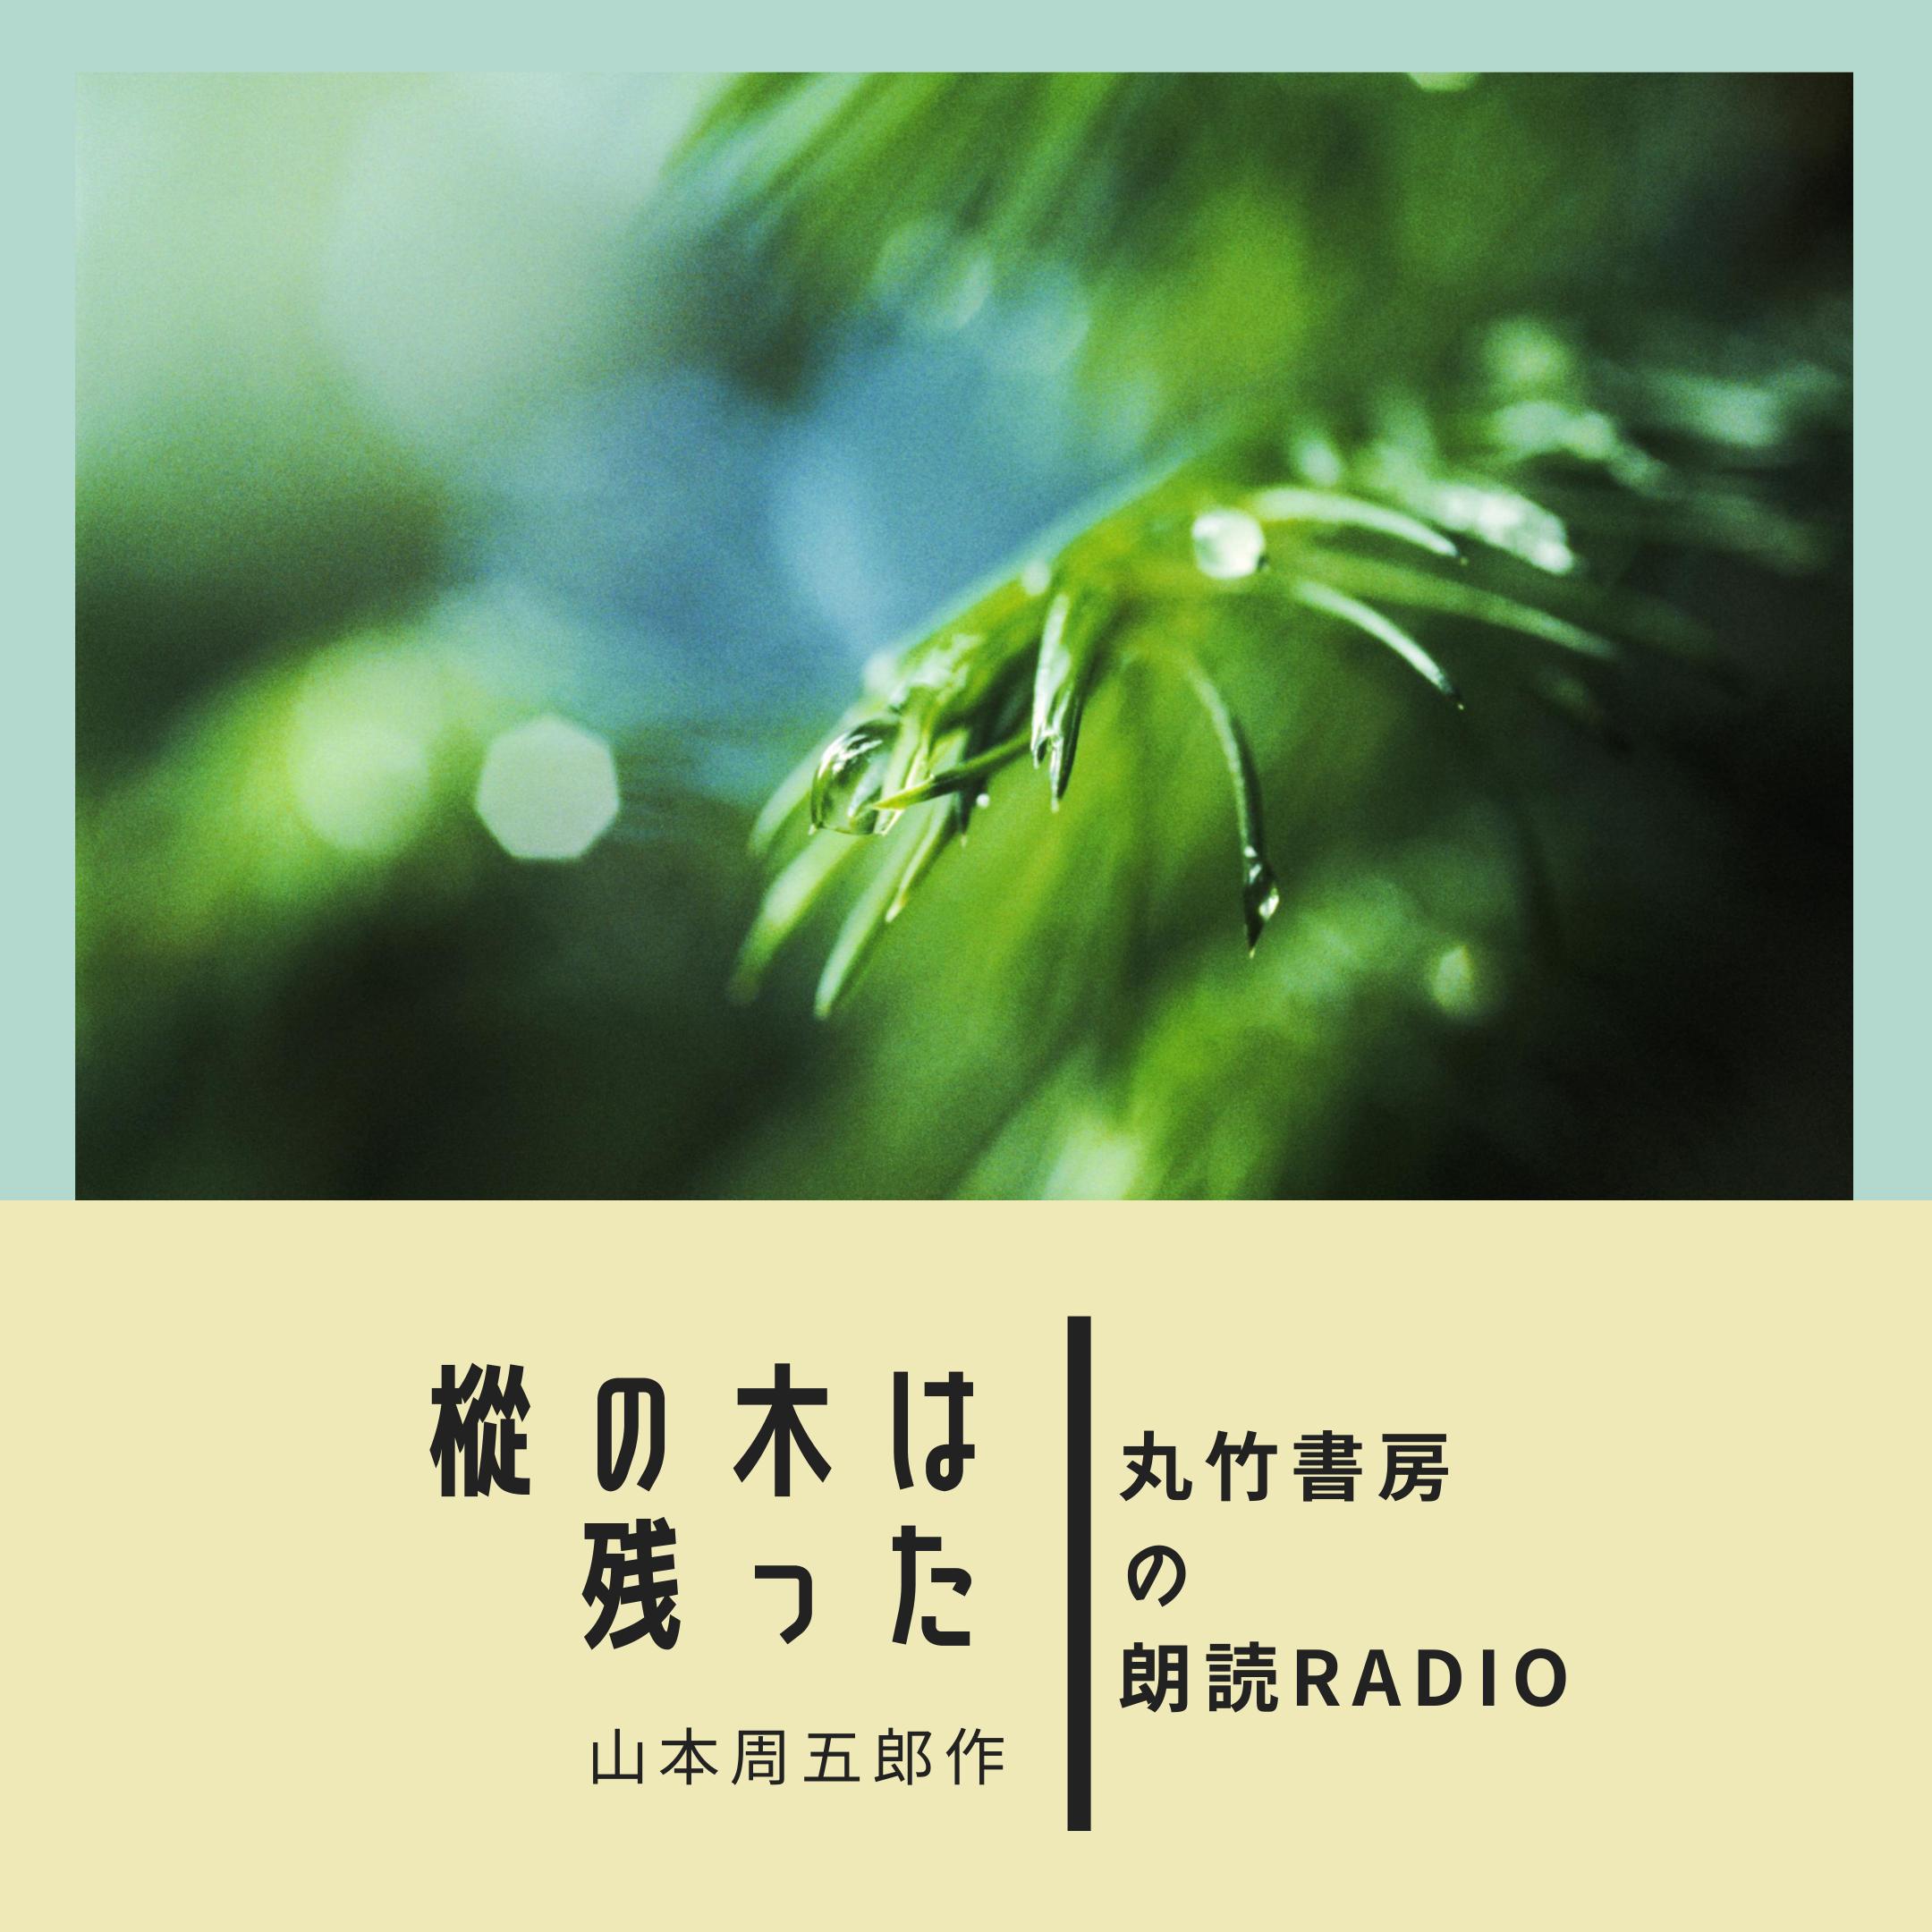 朗読 山本周五郎作 「樅の木は残った  第十話 こおろぎ」